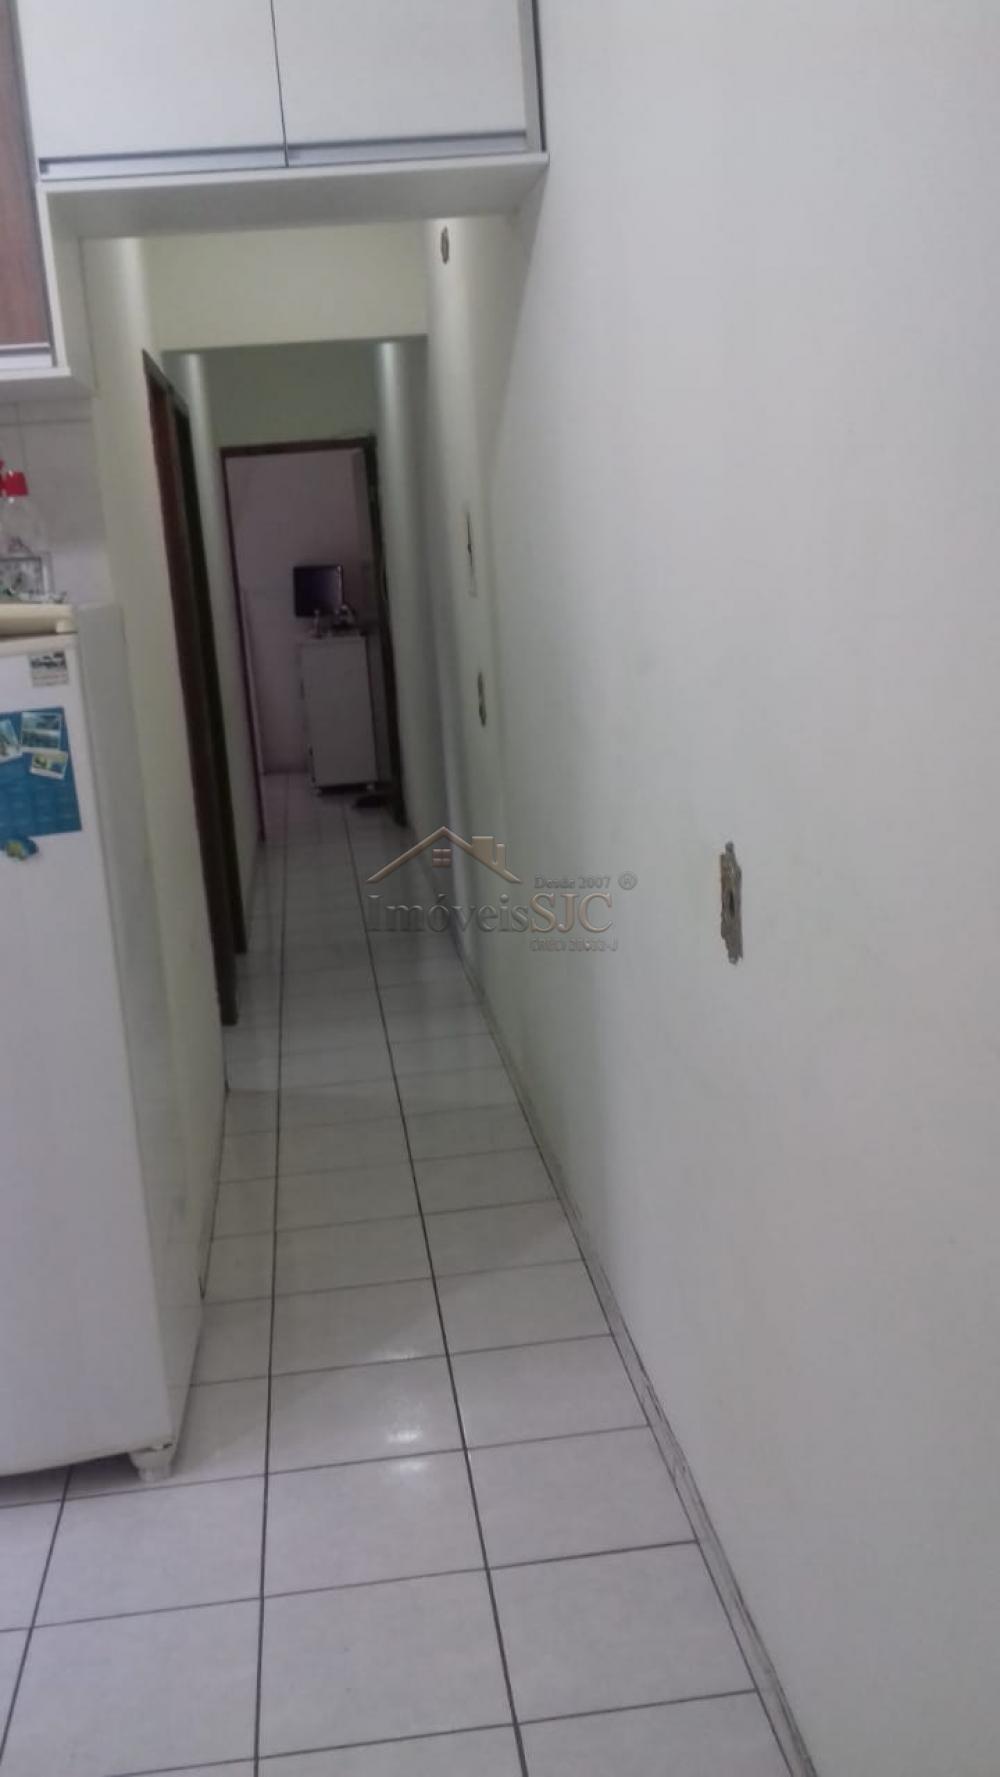 Comprar Apartamentos / Padrão em São José dos Campos apenas R$ 200.000,00 - Foto 2